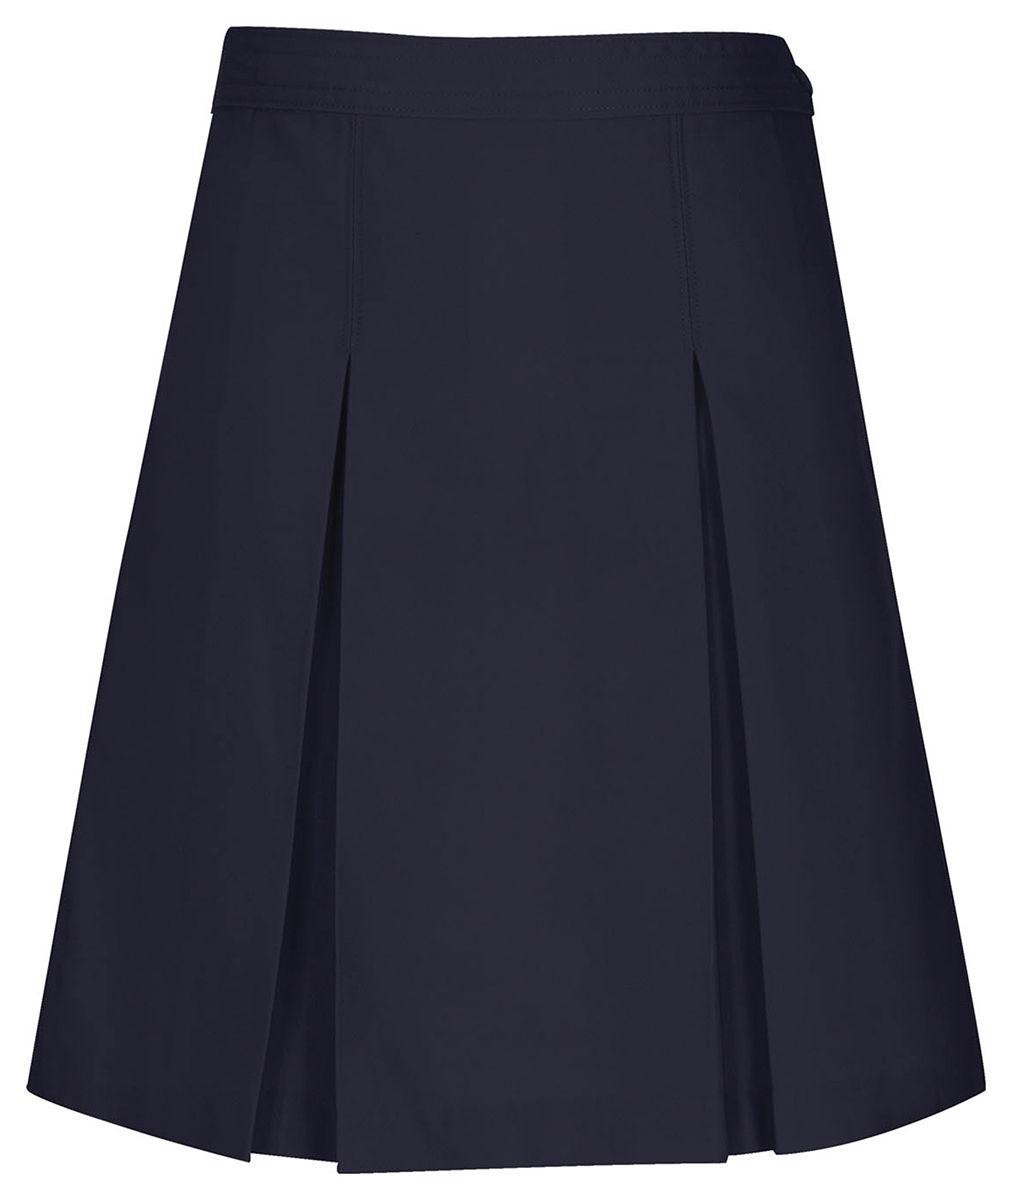 Classroom Uniforms Womens Skirt